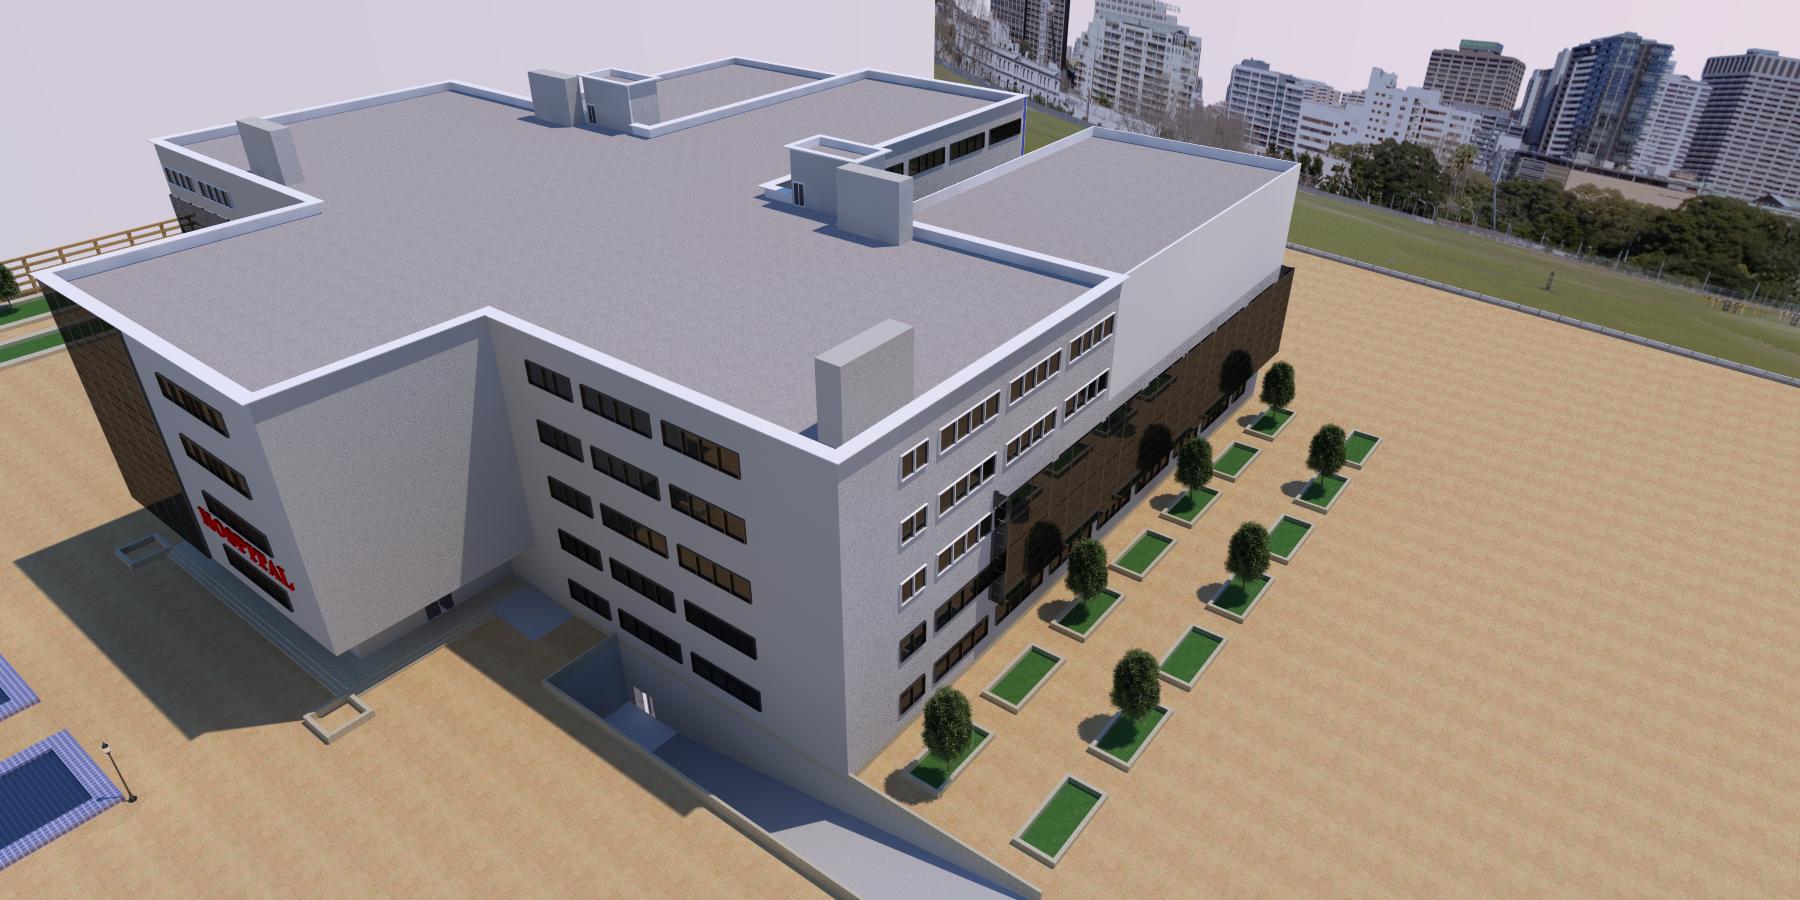 نقشه بیمارستان 4 طبقه